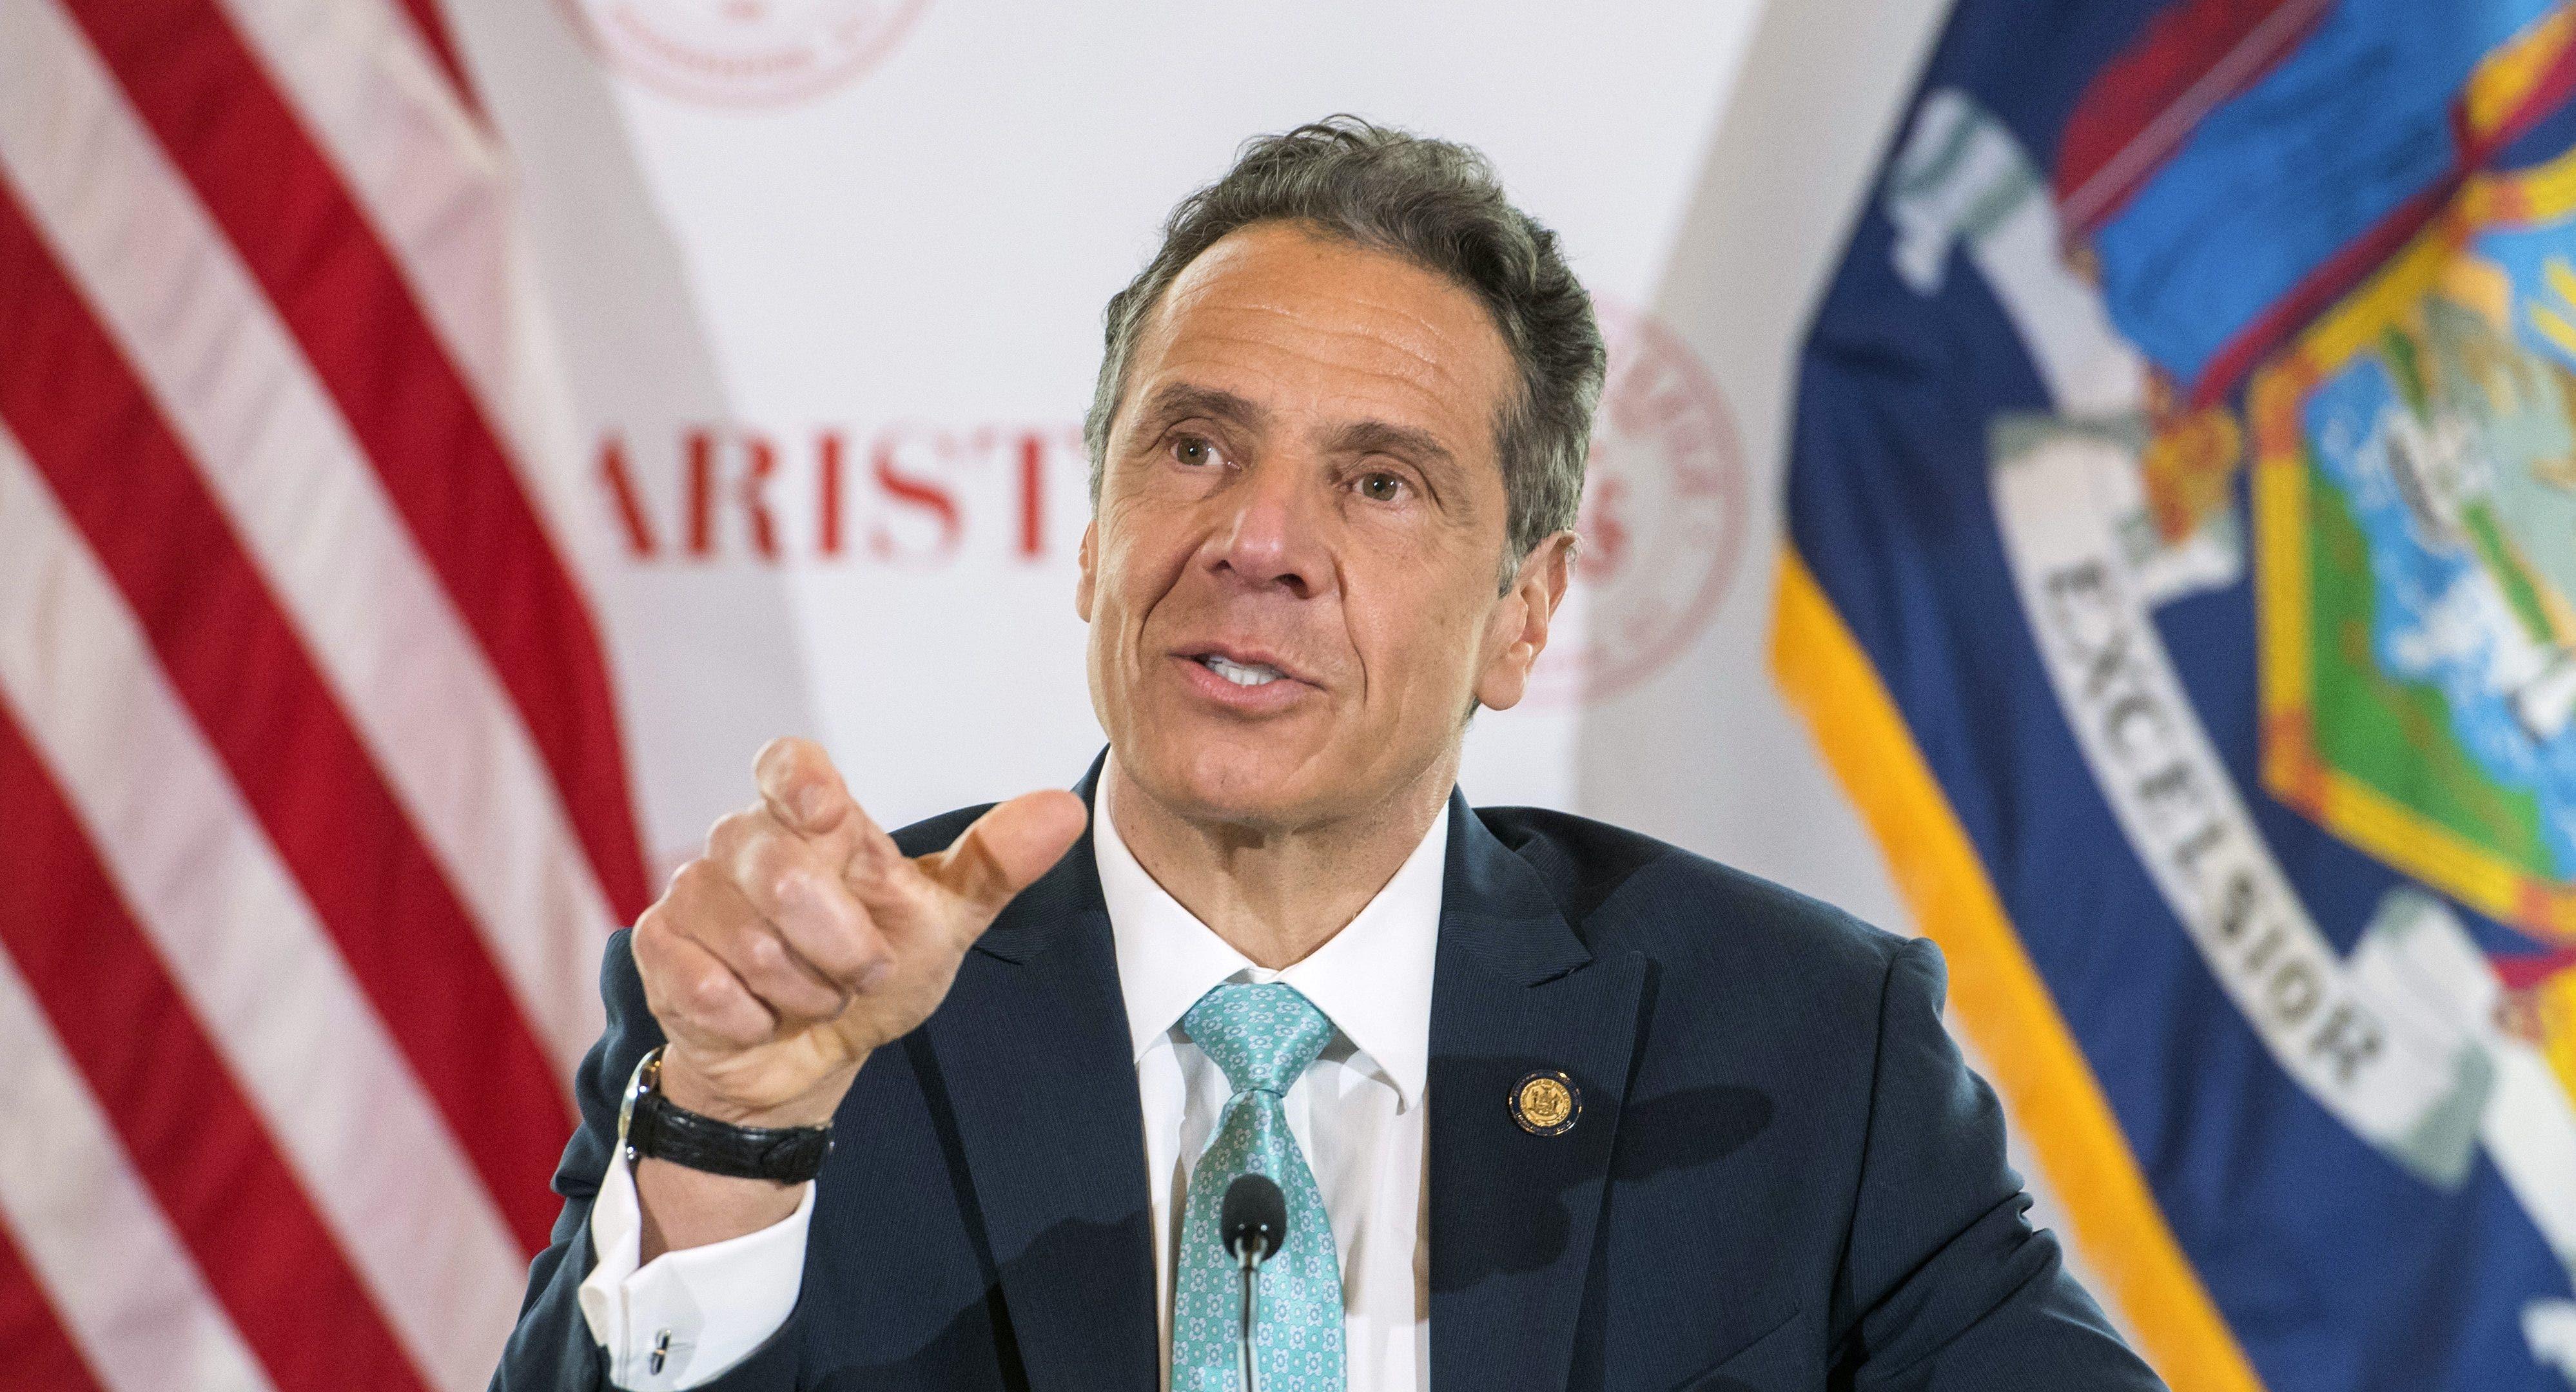 Cuomo calls NYC protests 'counterproductive' to slowing coronavirus spread